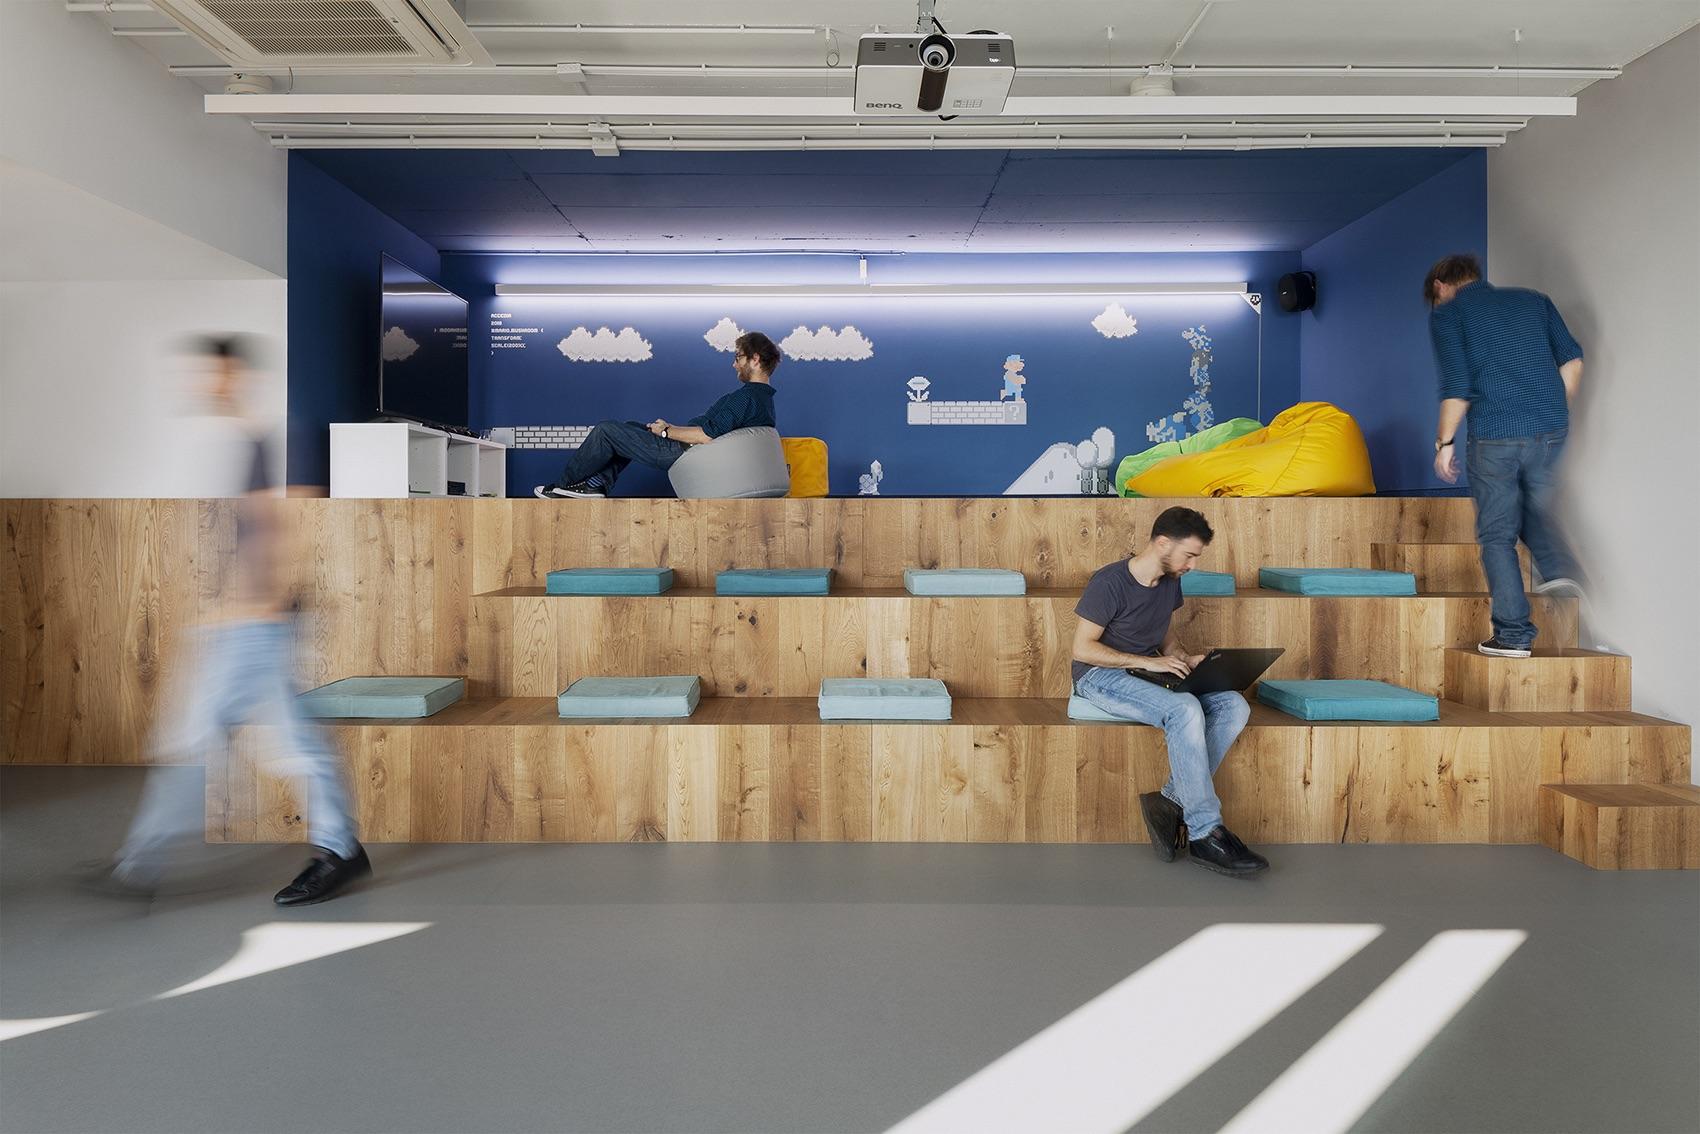 cache-atelier-interior-design-office-space-accedia-bulgaria-sofia_22